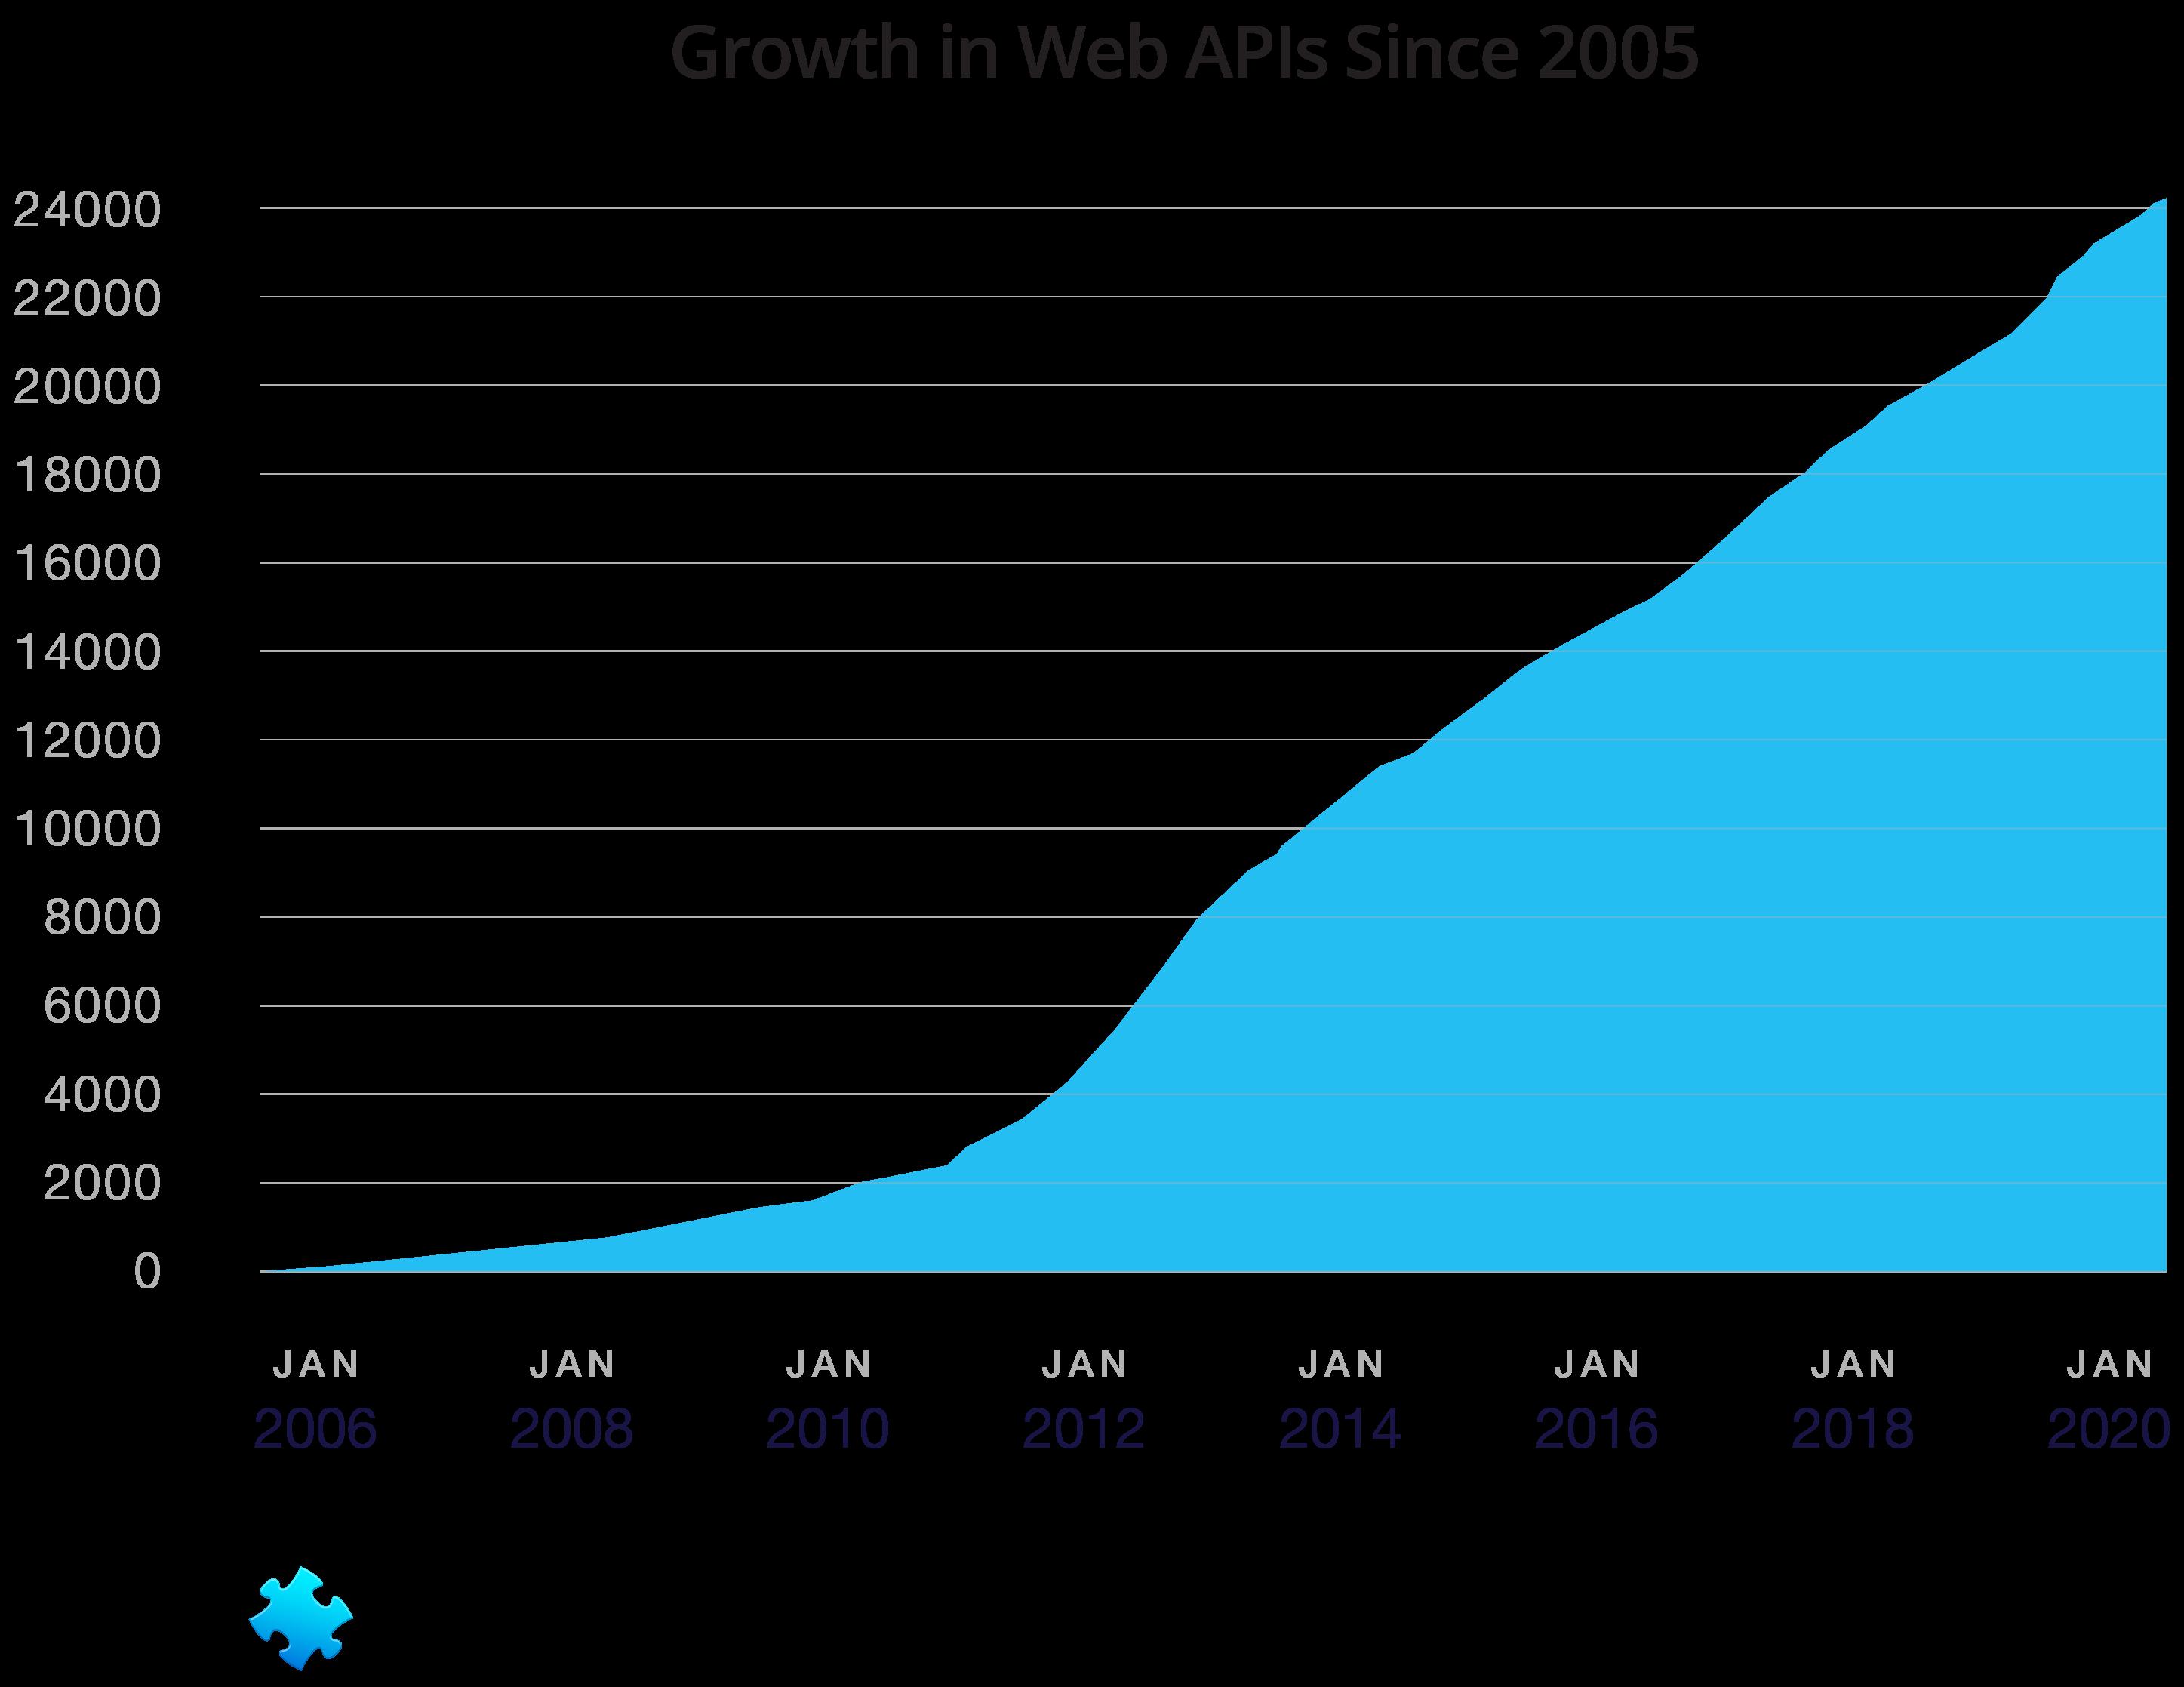 Graphique illustrant la croissance du répertoire de l'API ProgrammableWeb depuis2006. Le graphique montre une augmentation du nombre d'API créées entre décembre2010 et décembre2020.